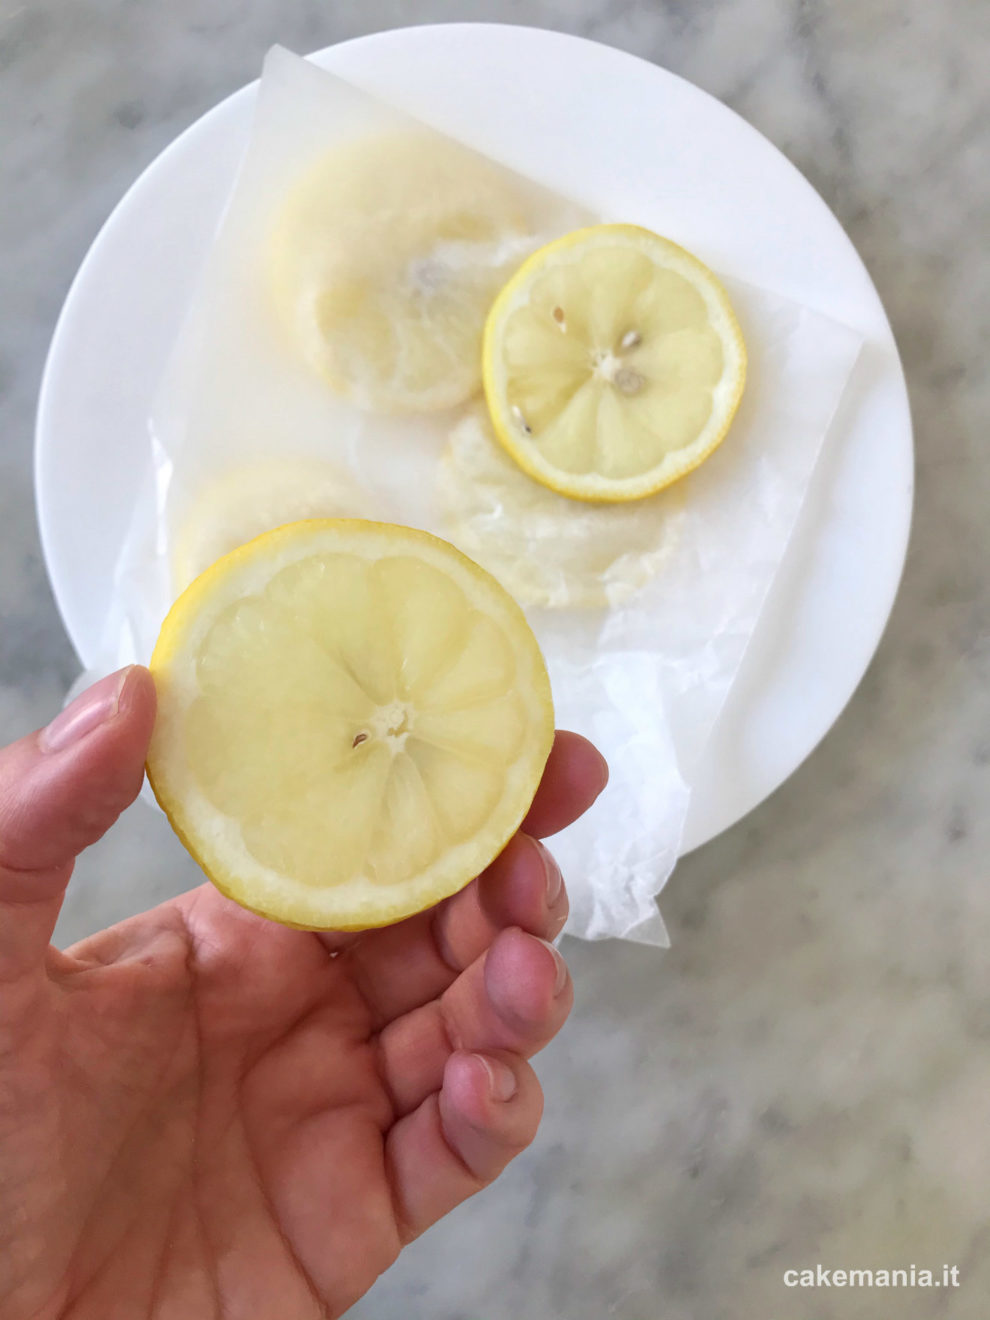 conservare le fettine di limone in freezer